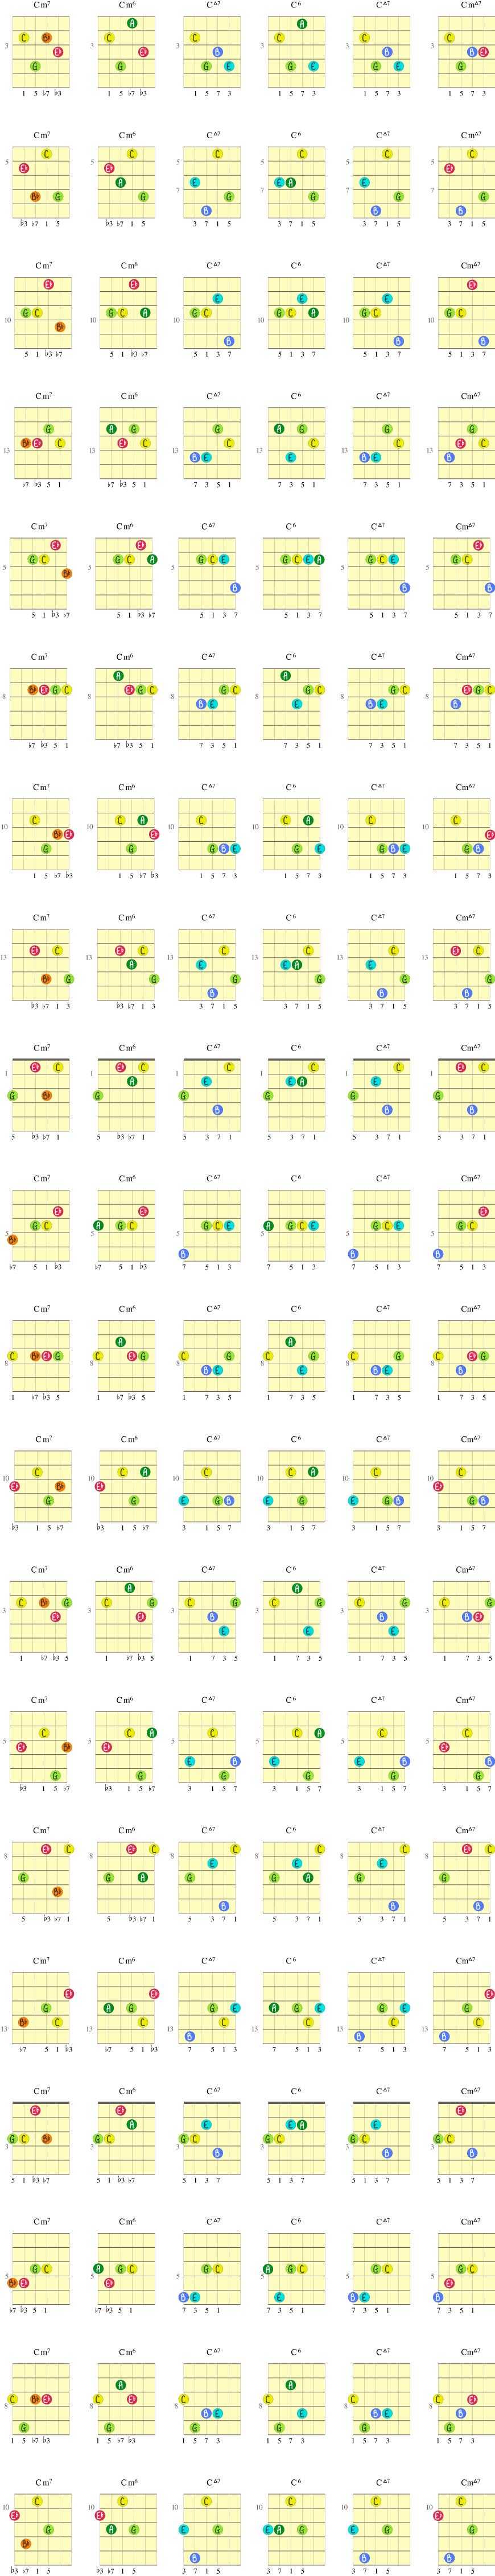 Overgang fra Cm7 til C6, Cmaj7 til C6, og Cmaj7 til CmMaj7